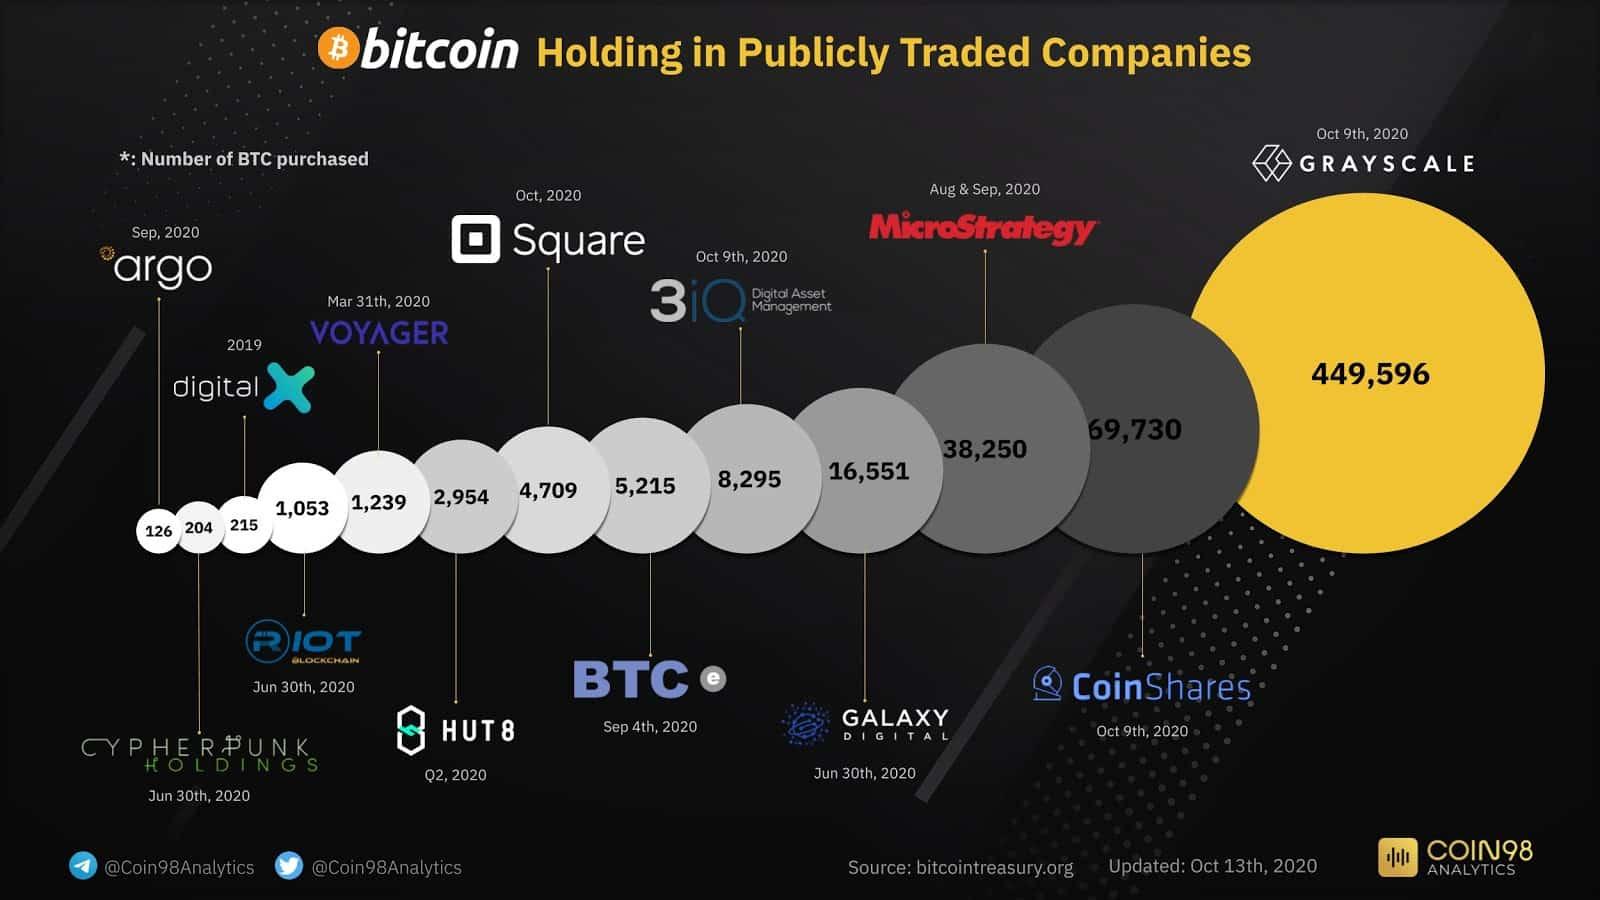 Bitcoin vo verejných spoločnostiach